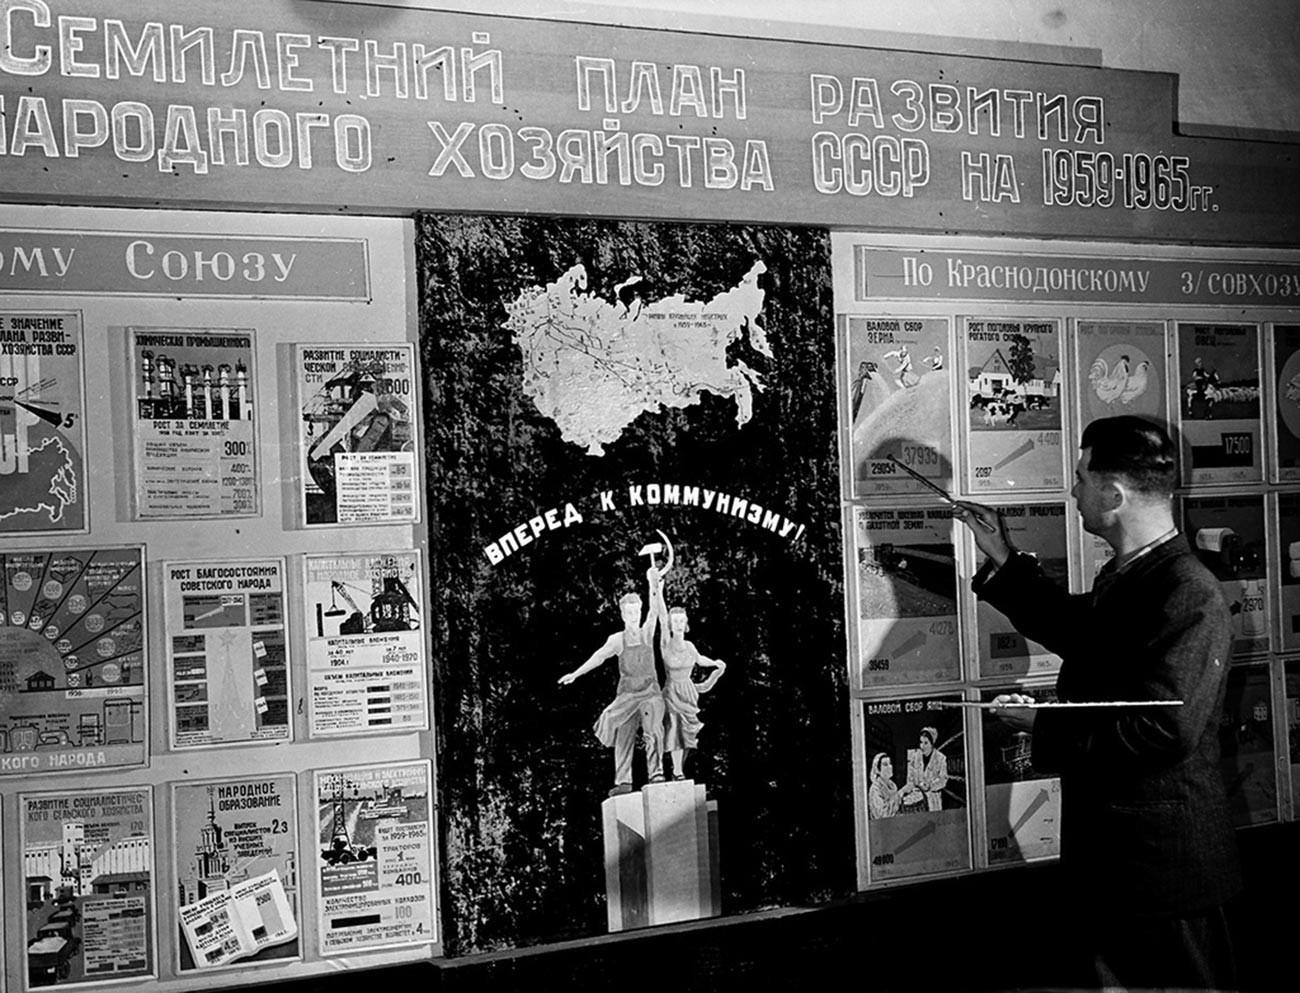 Asisten pengemudi gabungan Fyodor Frolov sedang mempelajari rencana pengembangan pertanian tujuh tahun di Pusat Komunitas Krasnodonsky Sovkhoz, Kazakhstan, 1959.